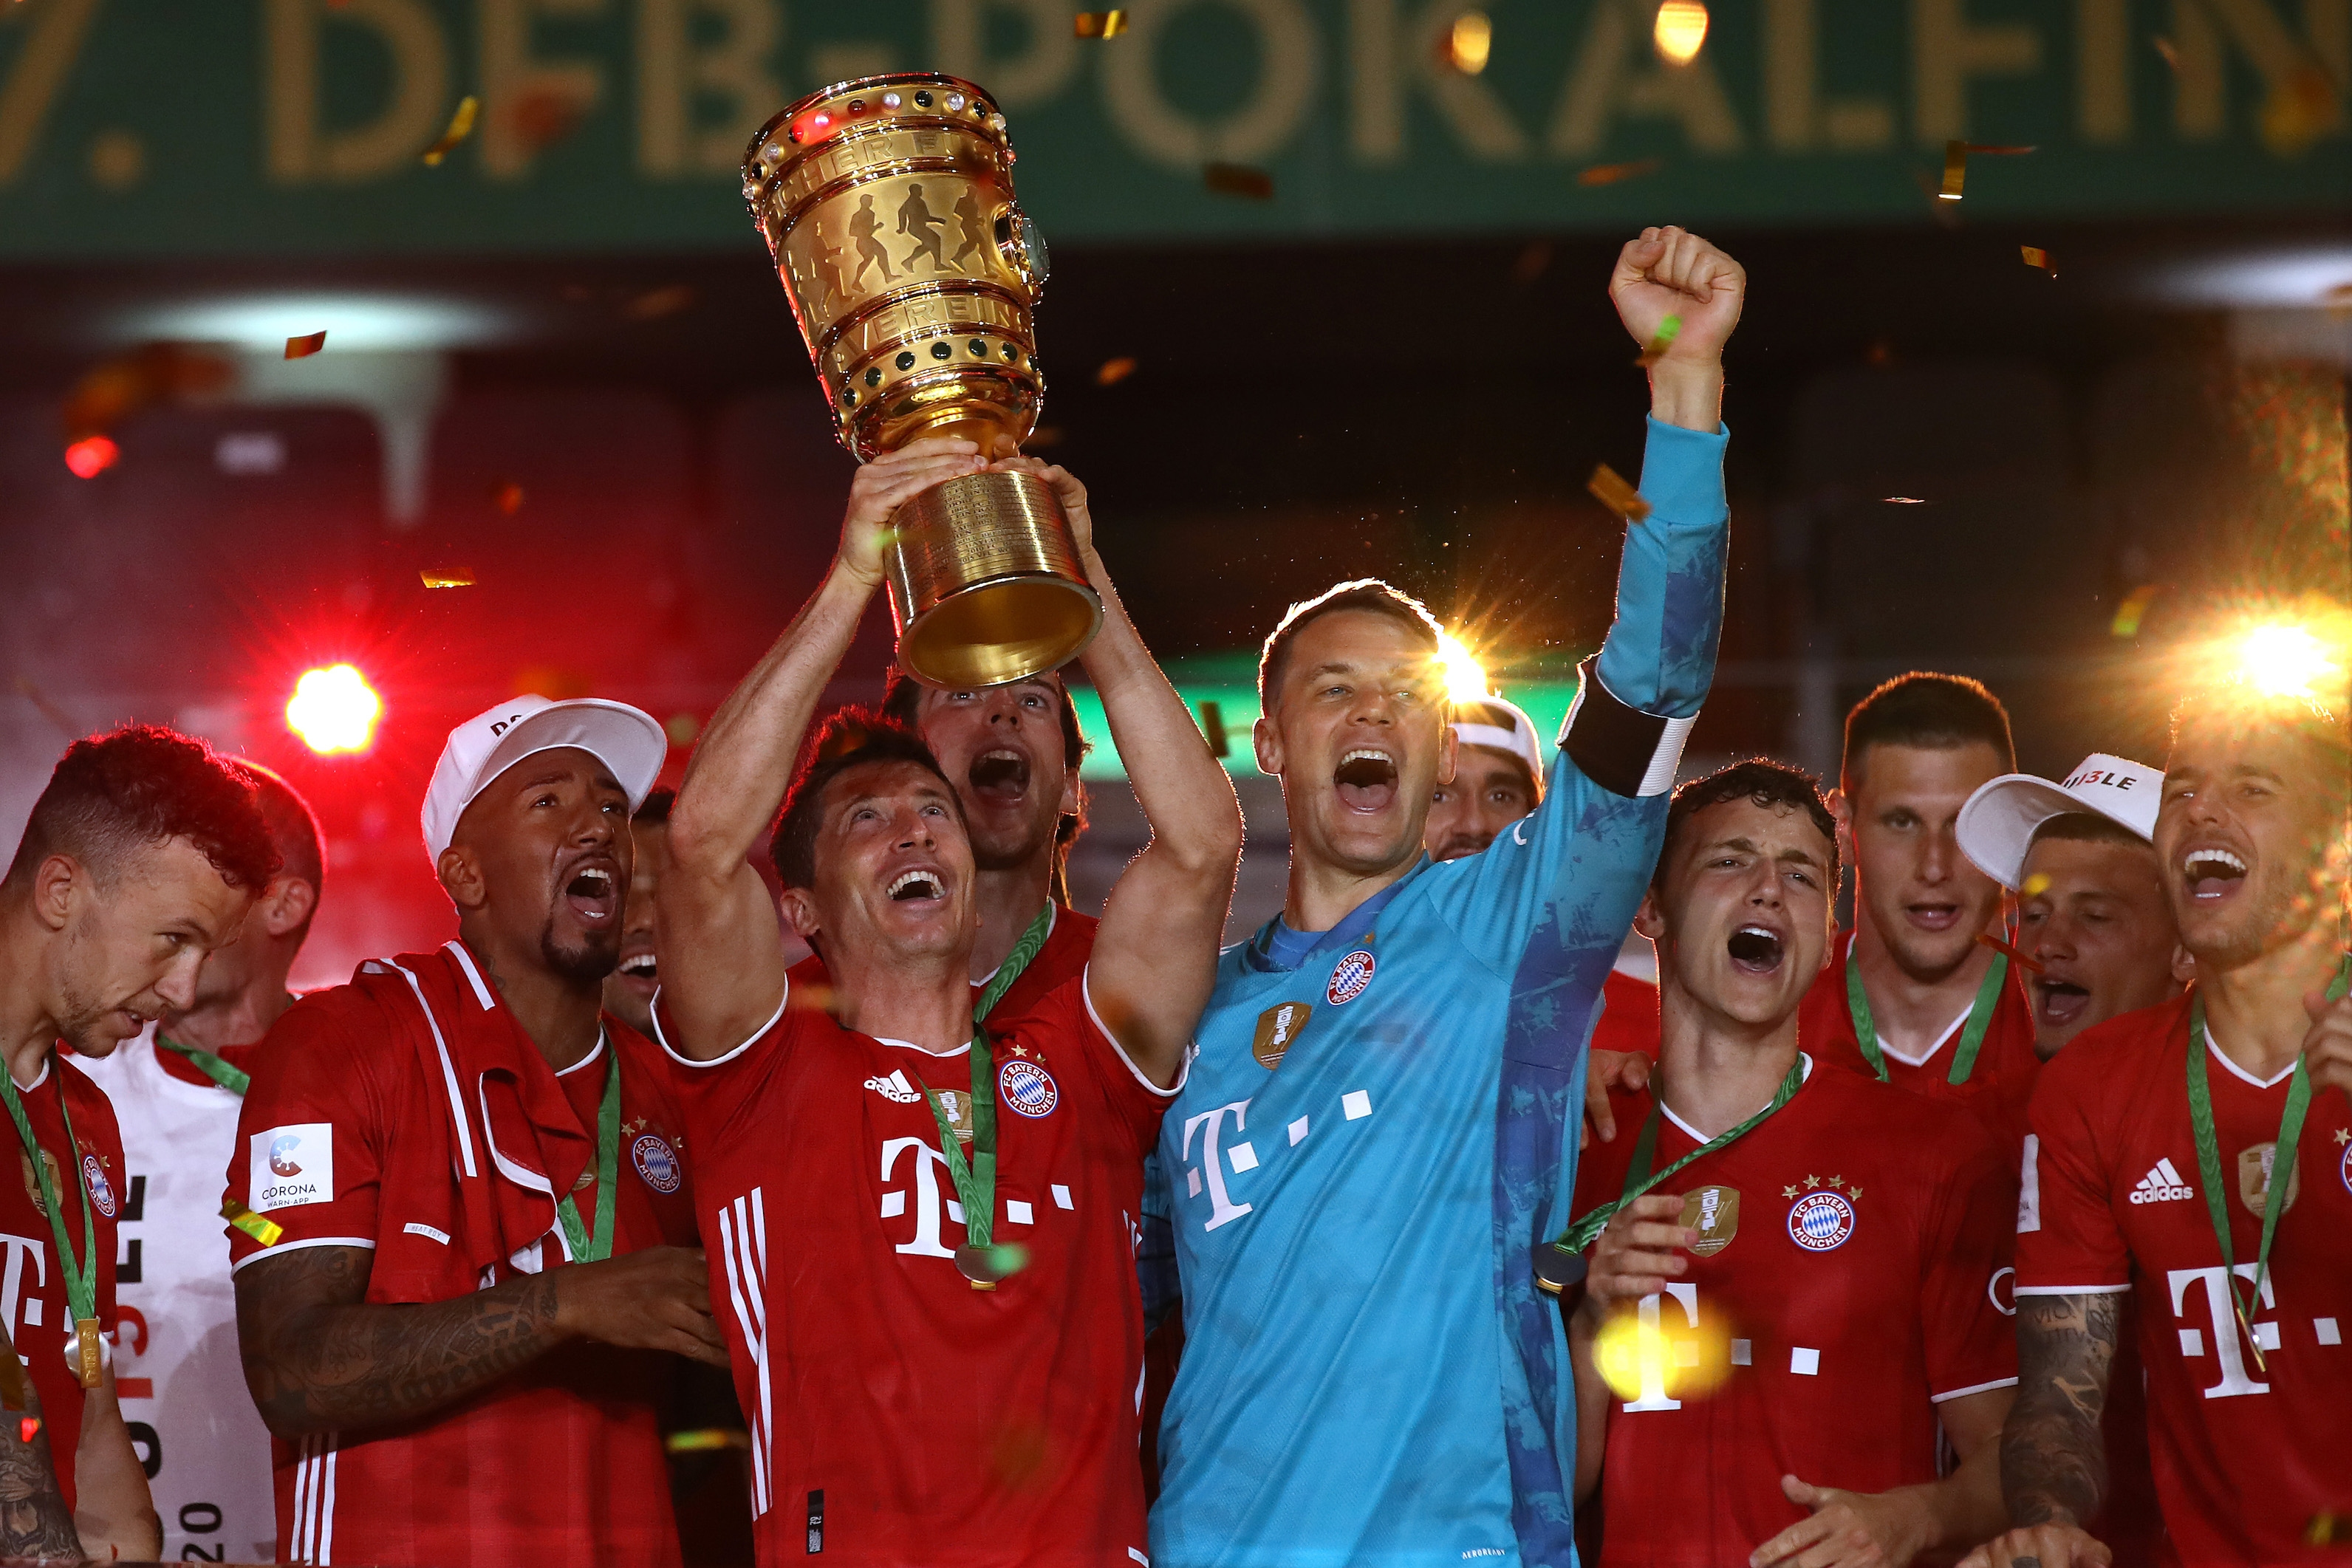 Асоциацията на професионалните футболисти в Германия определи отличниците за изминалия